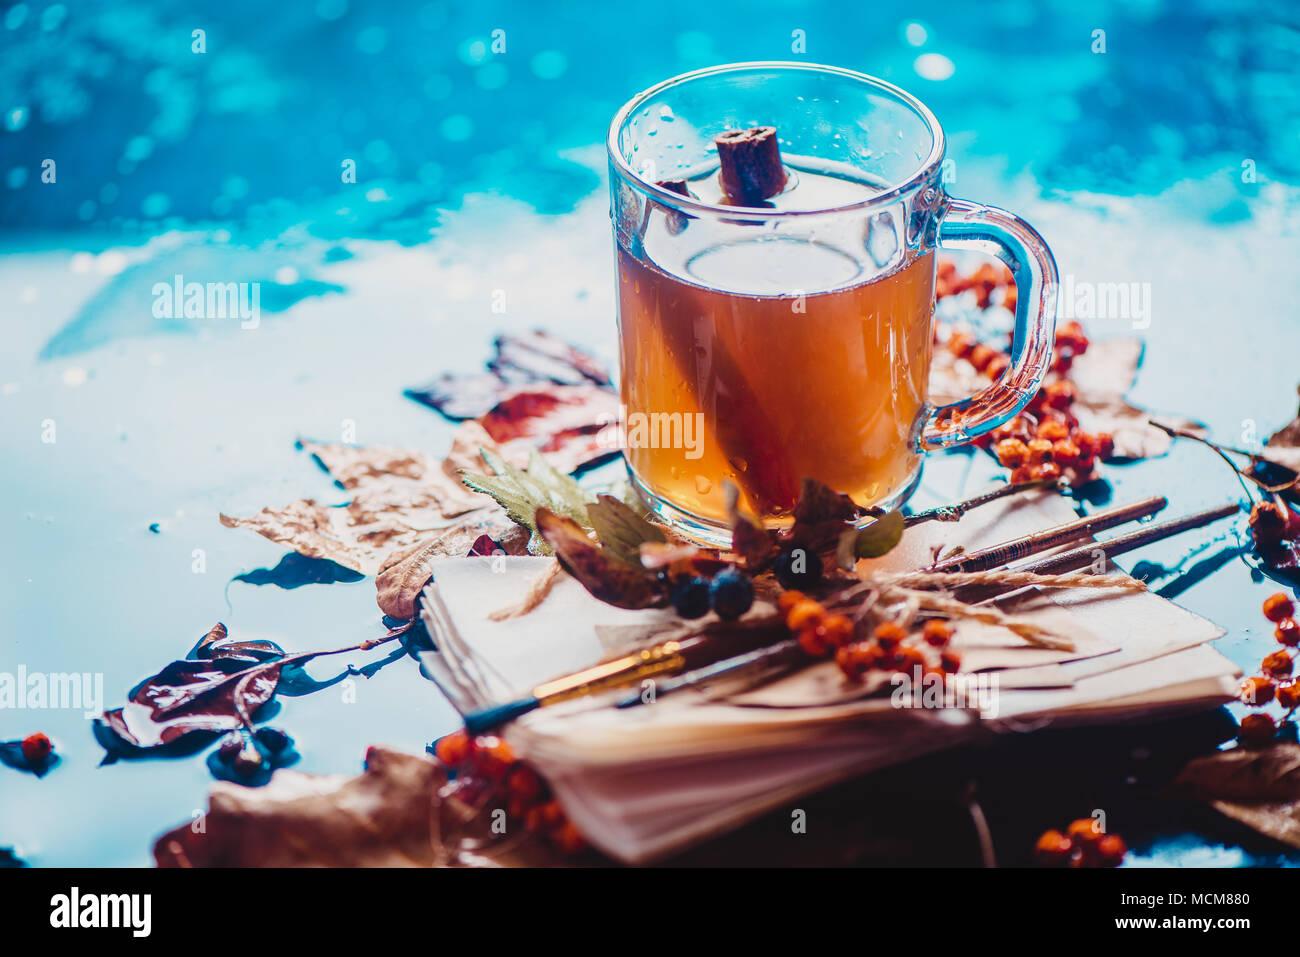 Pioggia ancora la vita con un vetro tazza da tè sul bagnato sullo sfondo di legno con copia spazio. Concetto di autunno con caduta foglie e una pila di artista scetches wit Immagini Stock